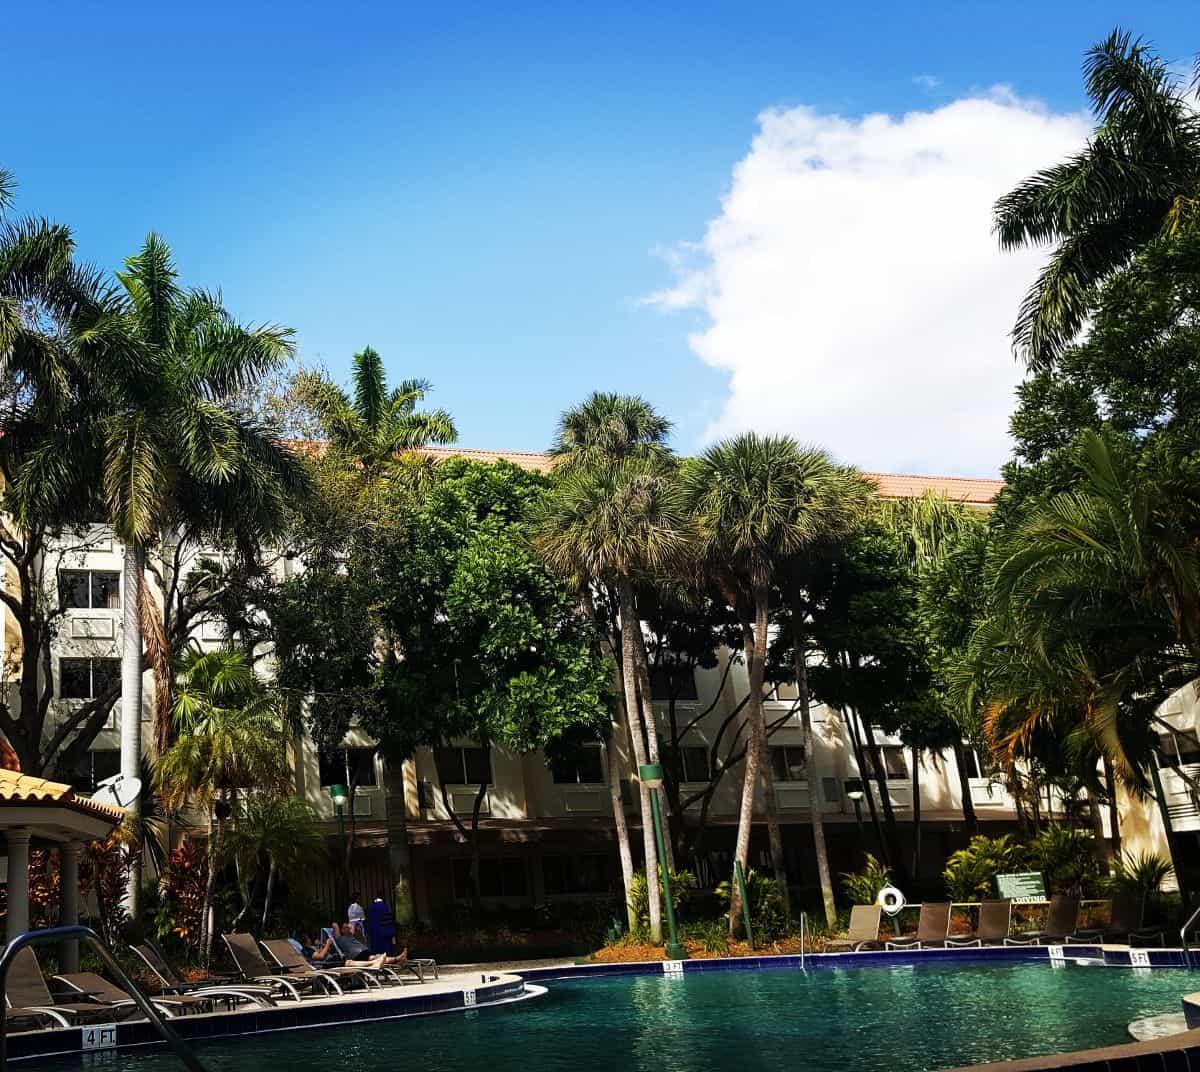 Renaissance Boca Raton Hotel Review